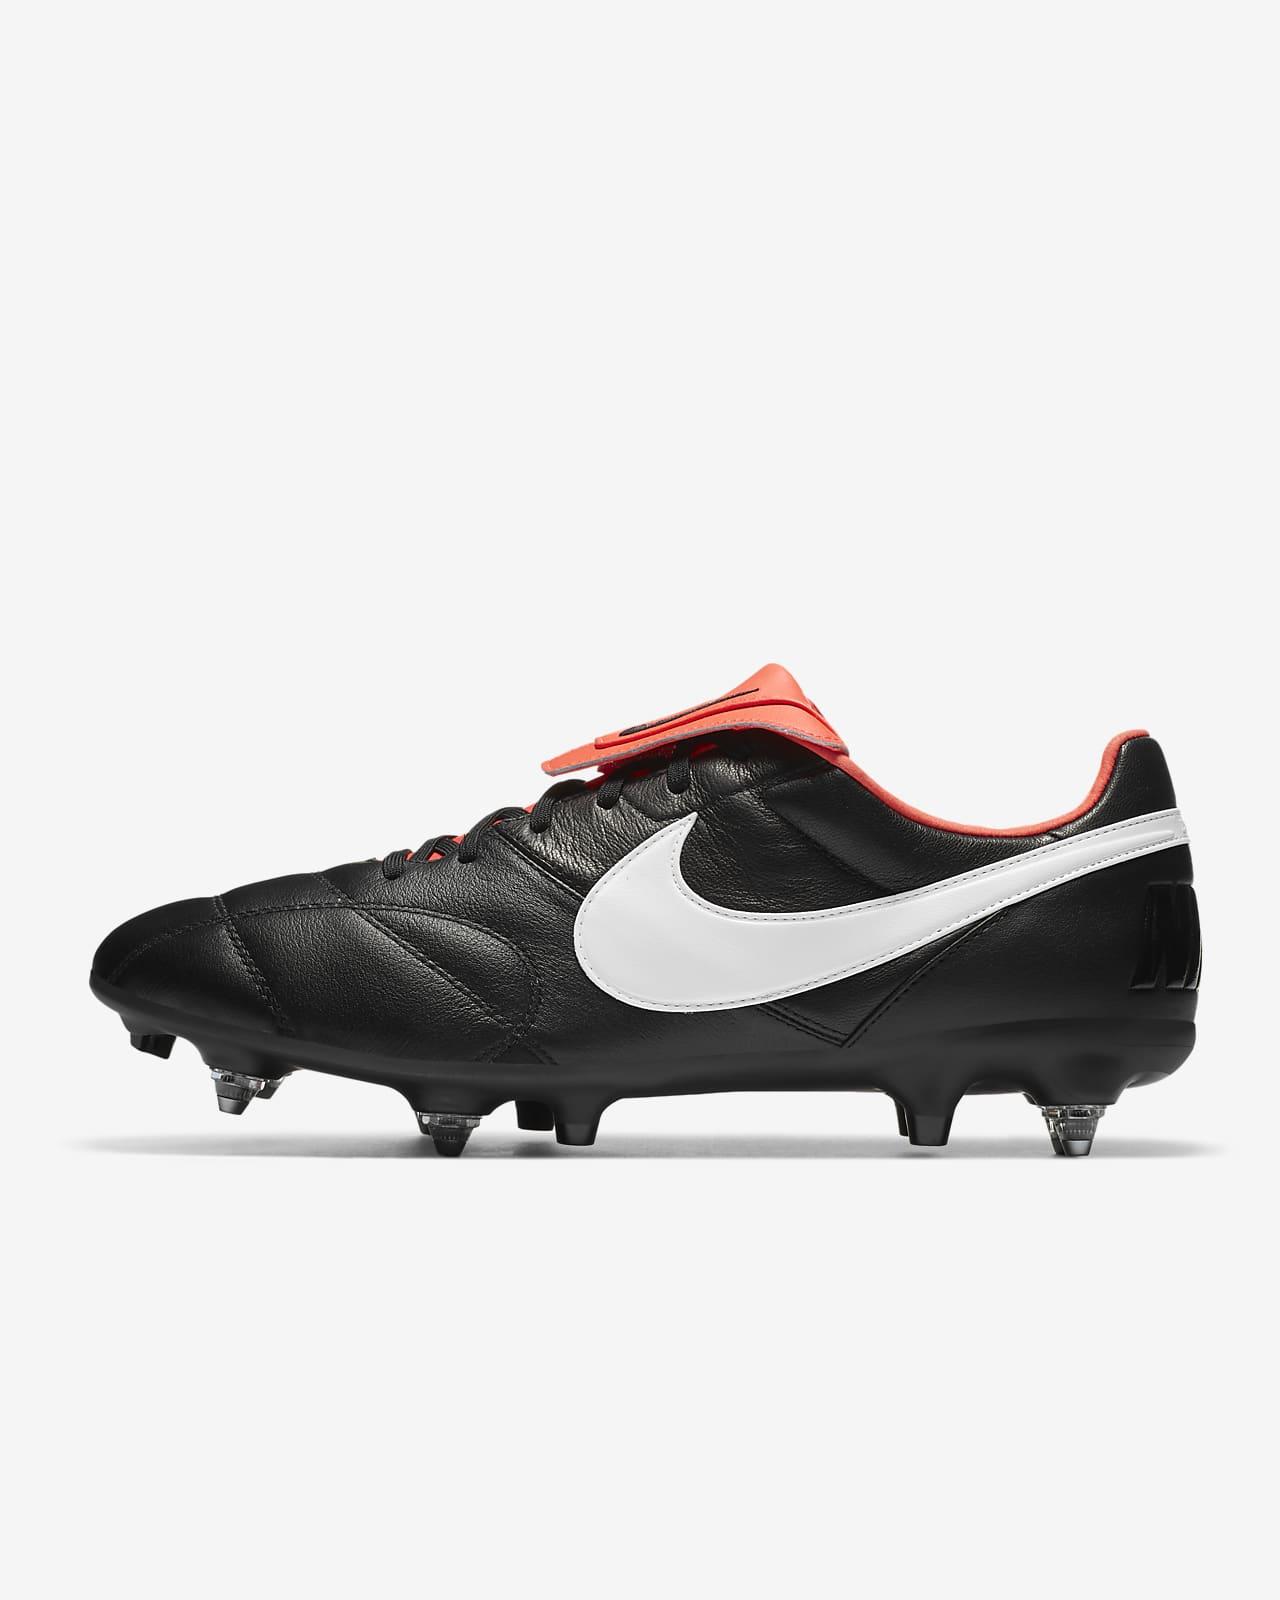 Chaussure de football à crampons pour terrain gras Nike Premier 2 SG-Pro AC